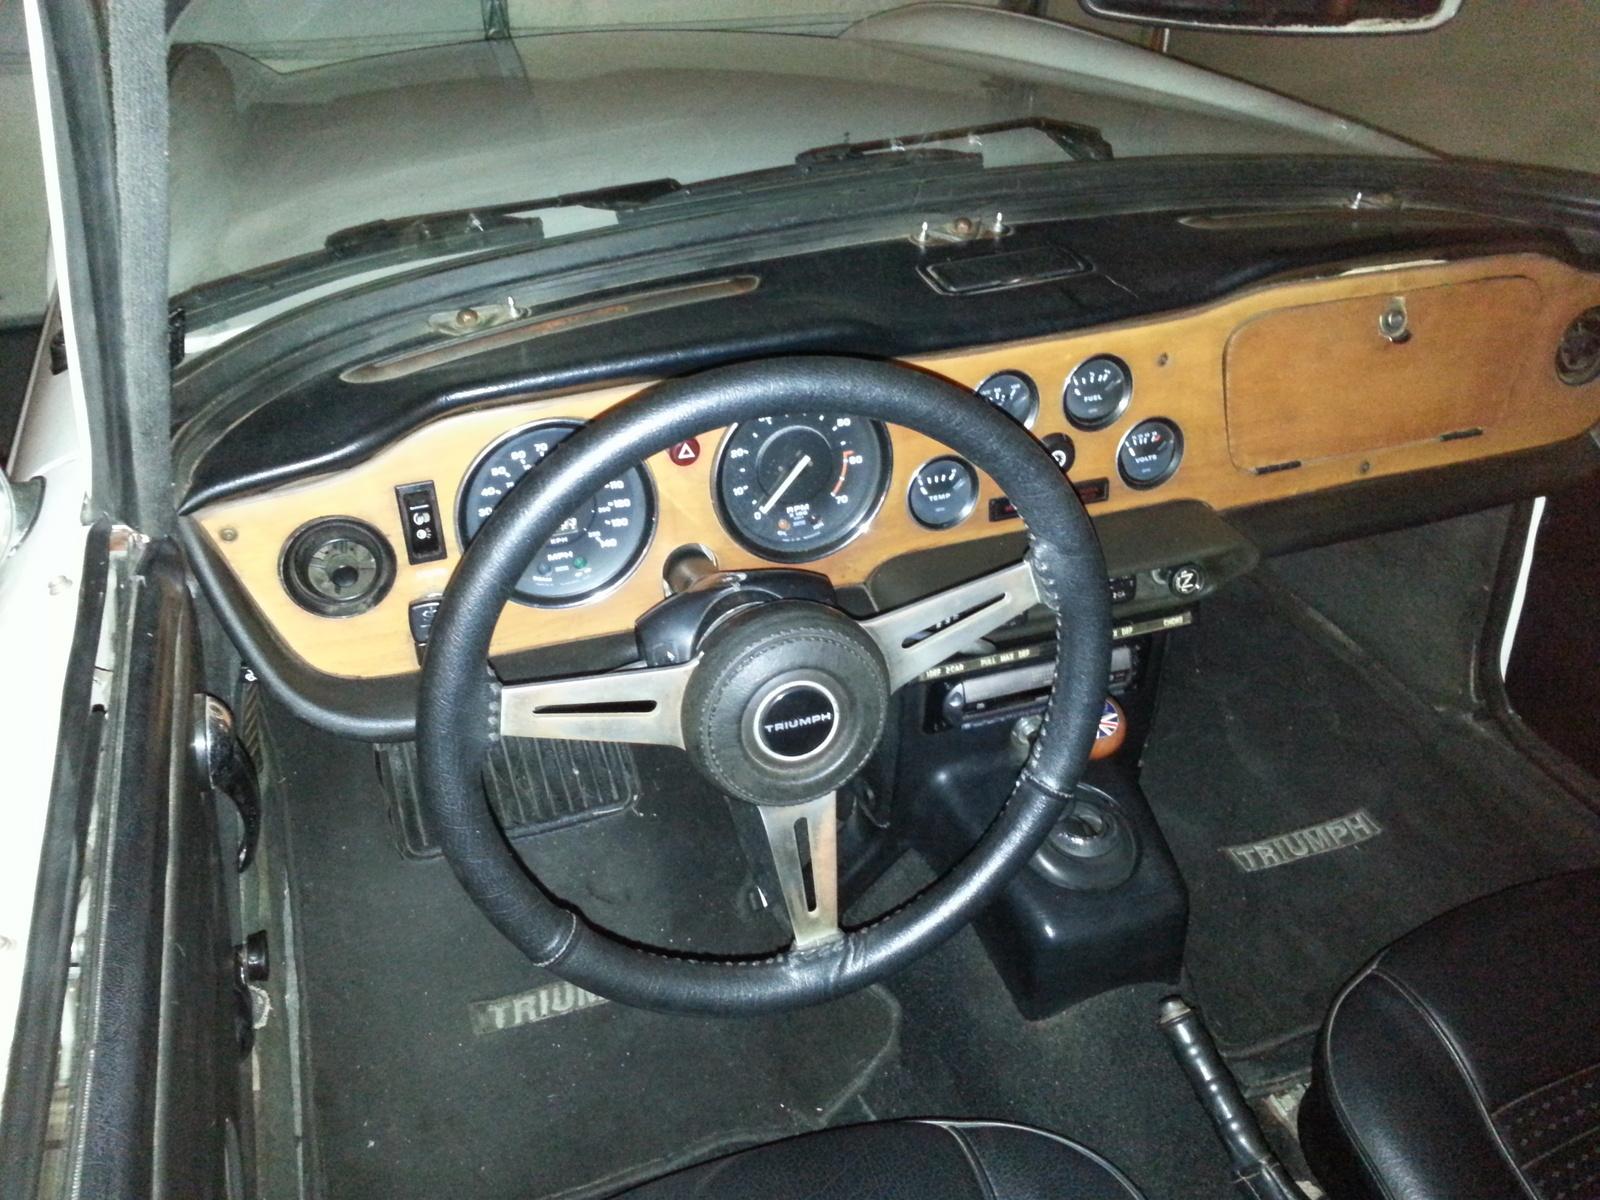 1974 Triumph Tr6 Pictures Cargurus